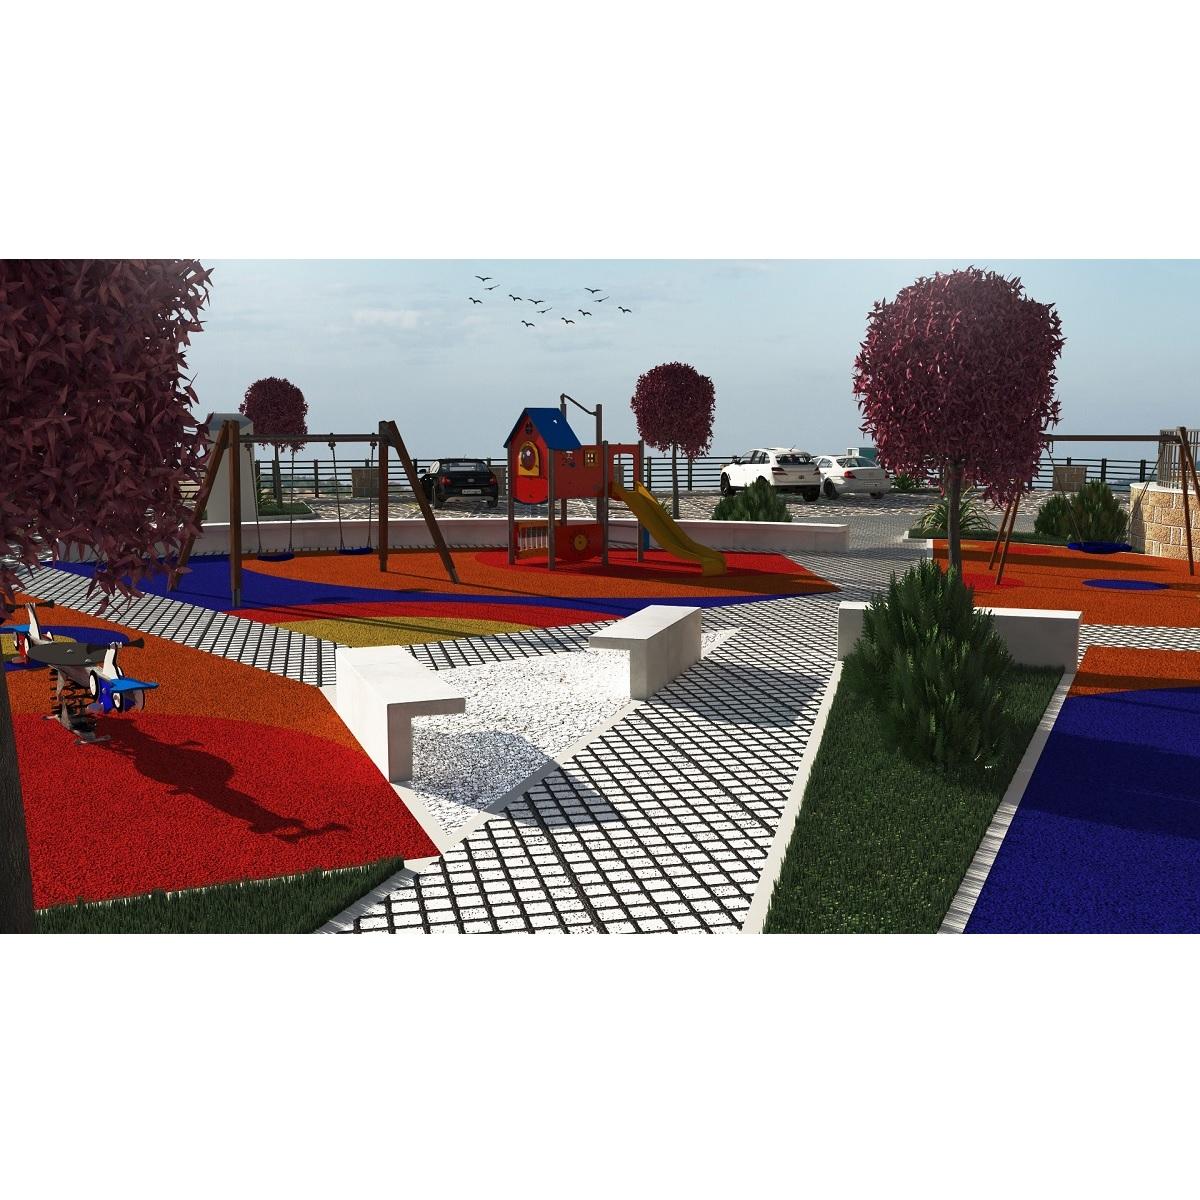 Manoppello approvato un parco pubblico nel centro storico foto